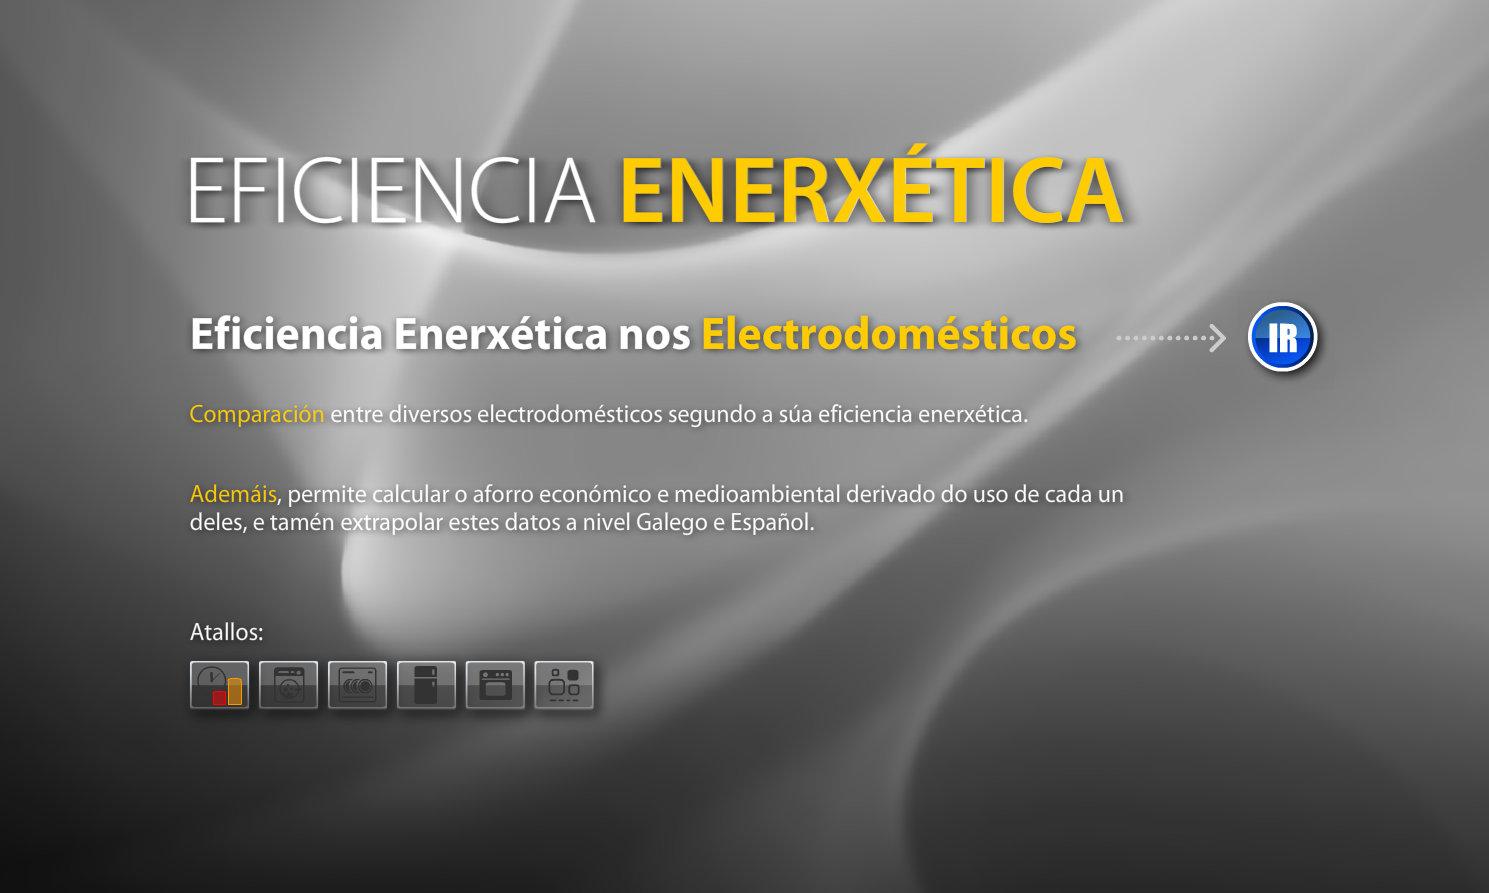 Eficiencia enerxética nos electrodomésticos